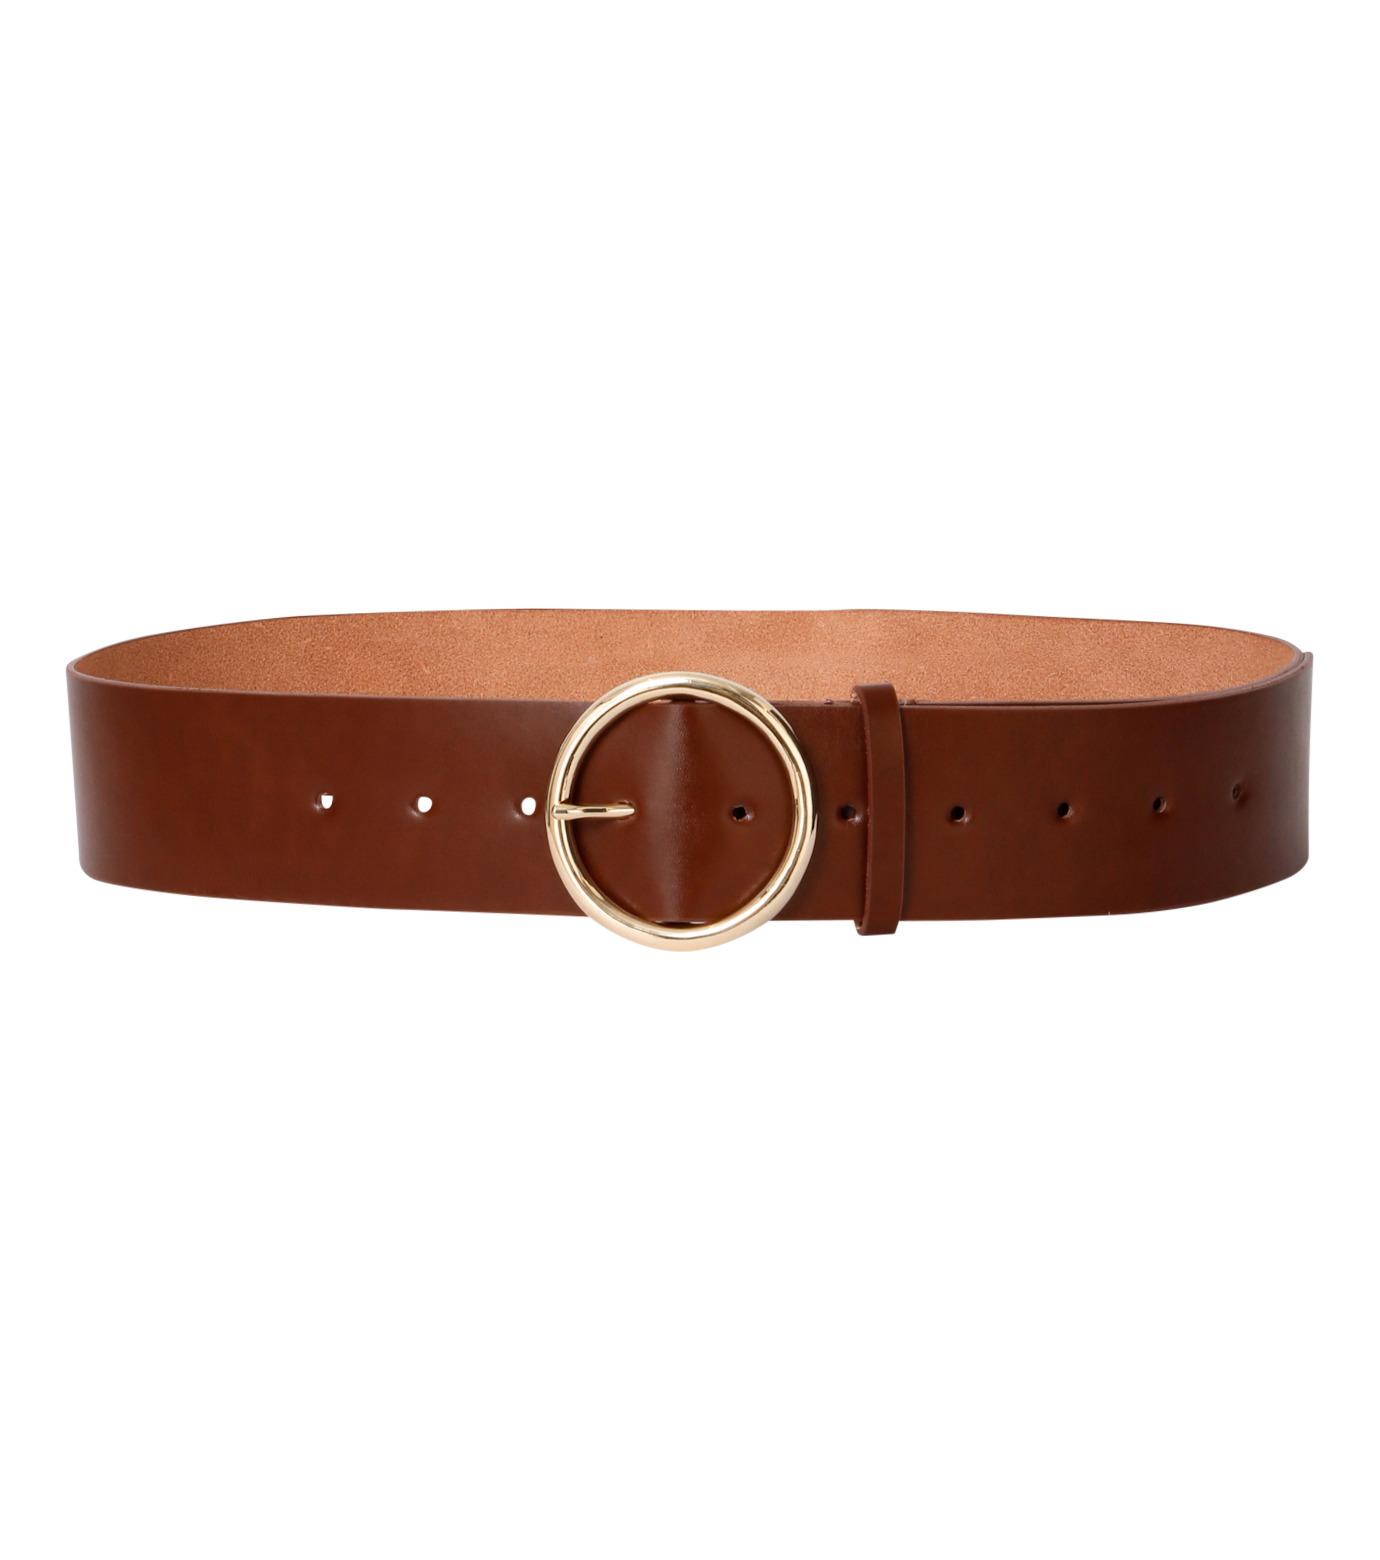 Casselini(キャセリーニ)のRing Buckle Belt-CAMEL(ベルト/belt)-24-0413-53 拡大詳細画像1